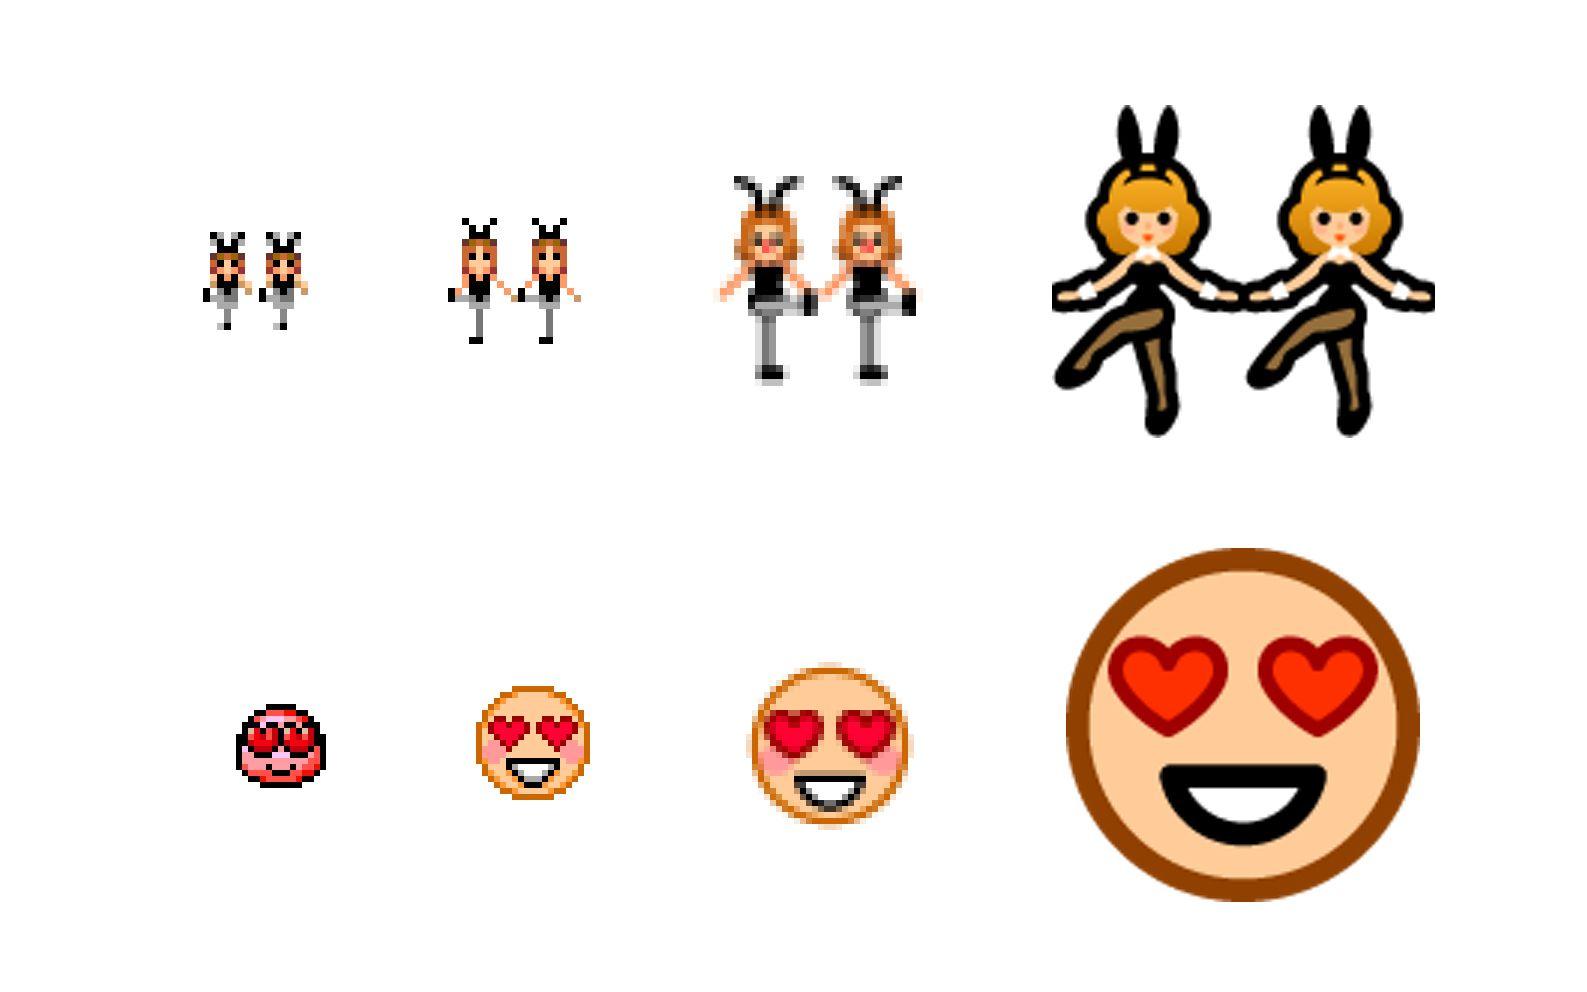 softbank-emoji-evolution-emojipedia